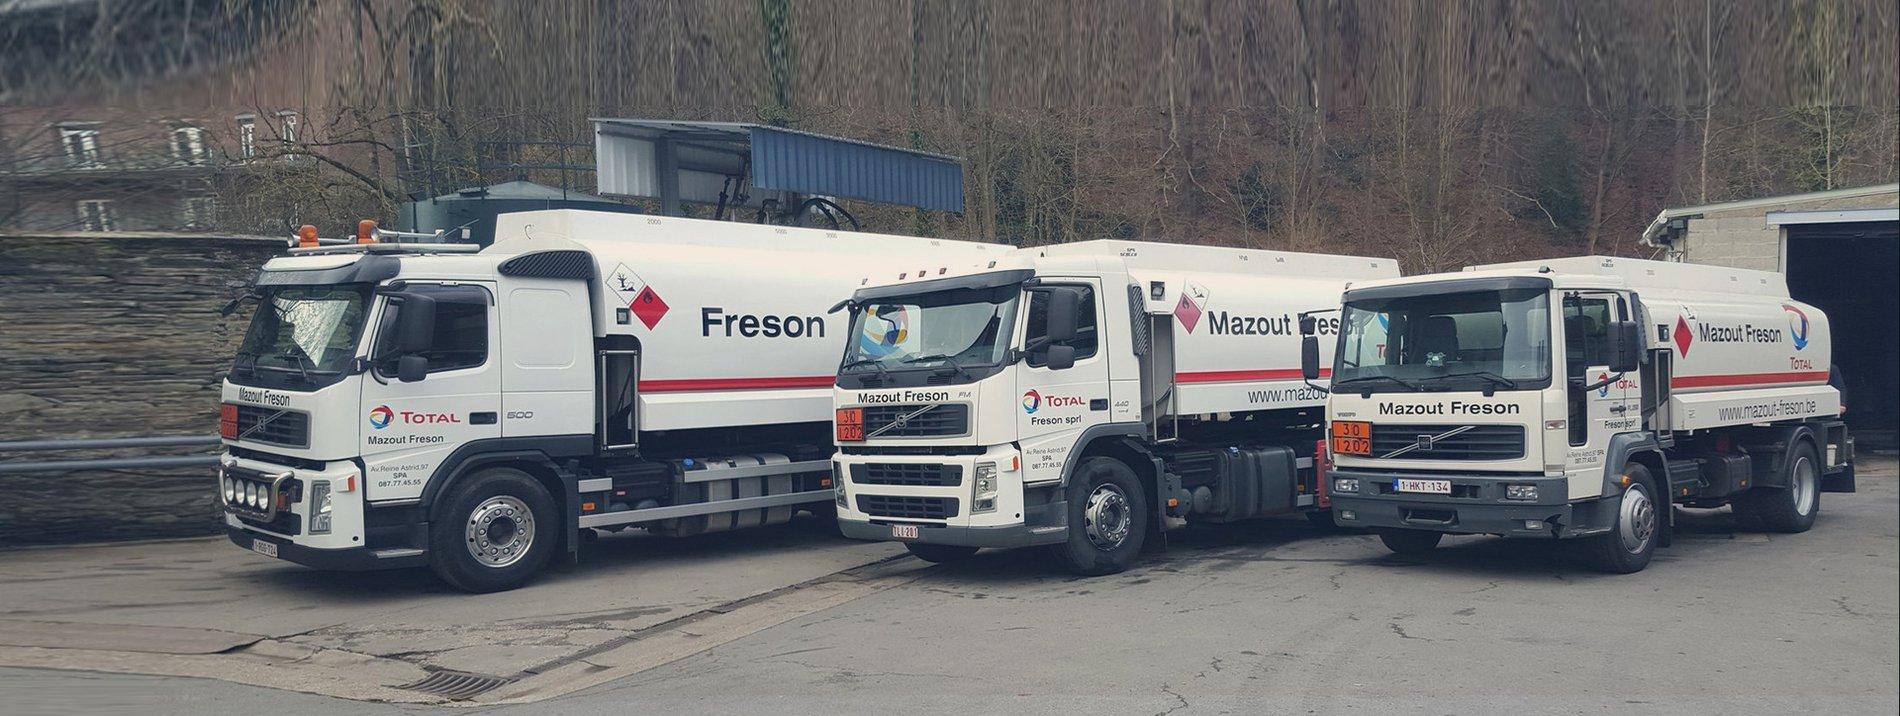 Freson Mazout sprl - Mazout